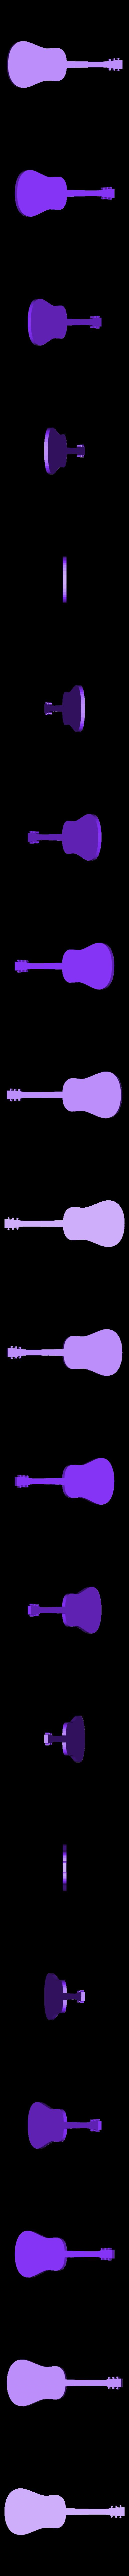 Baby_Acoustic_Guitar.stl Télécharger fichier STL gratuit Collection unique de plectres pour guitare • Design pour imprimante 3D, Ender3PrintingFan1